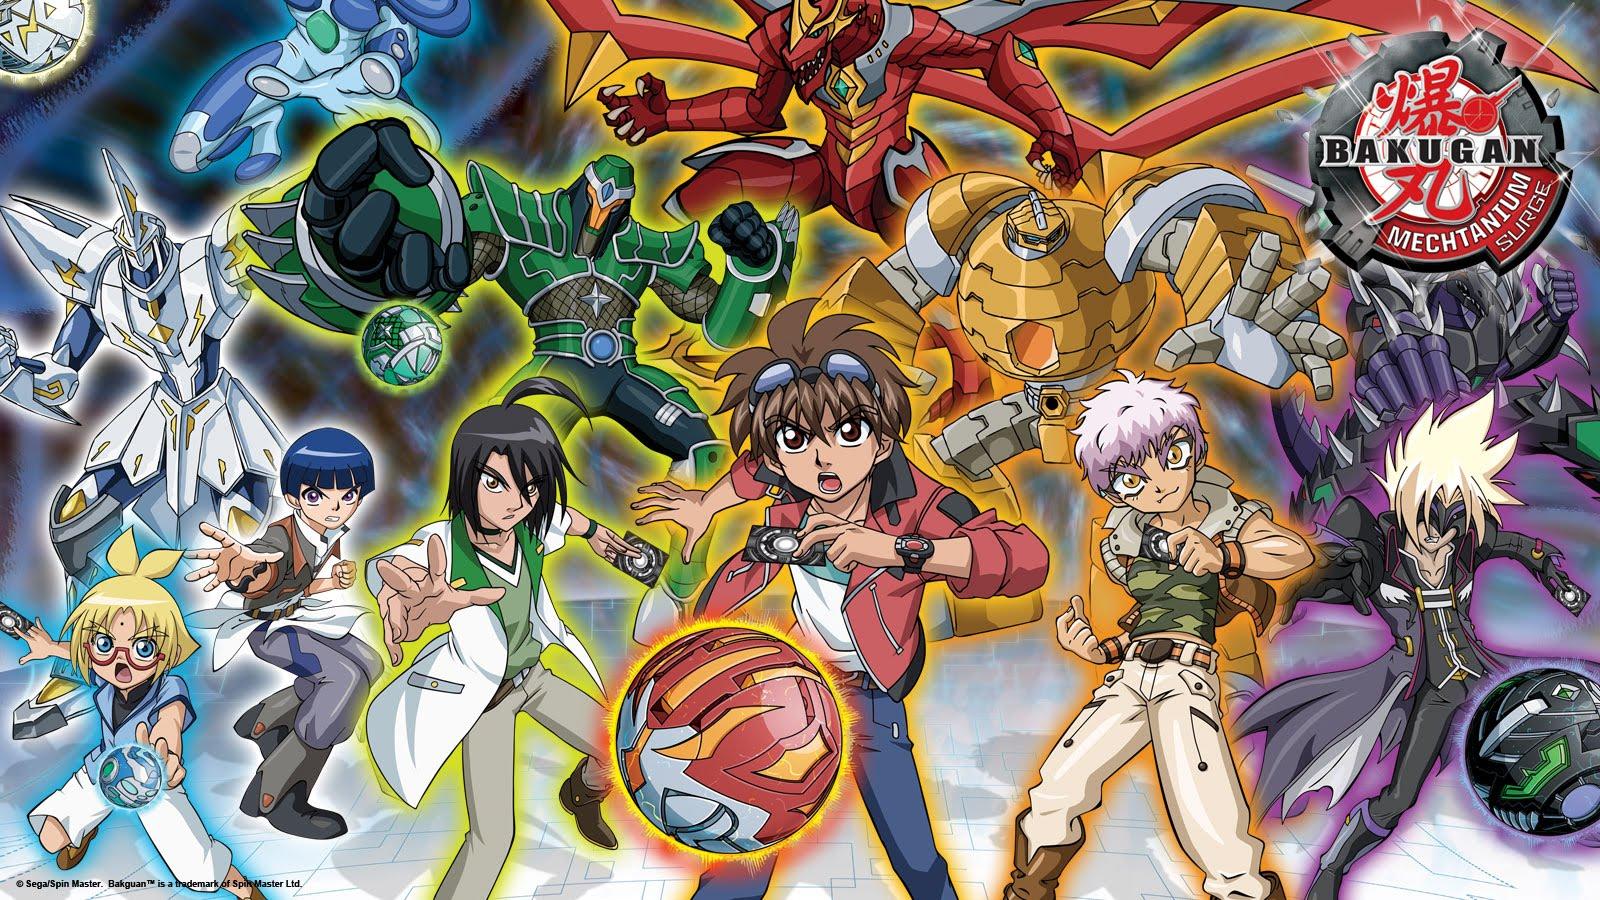 Se tiene planeado un nuevo anime de 39 bakugan 39 para 2018 o 2019 - Bakugan saison 4 ...